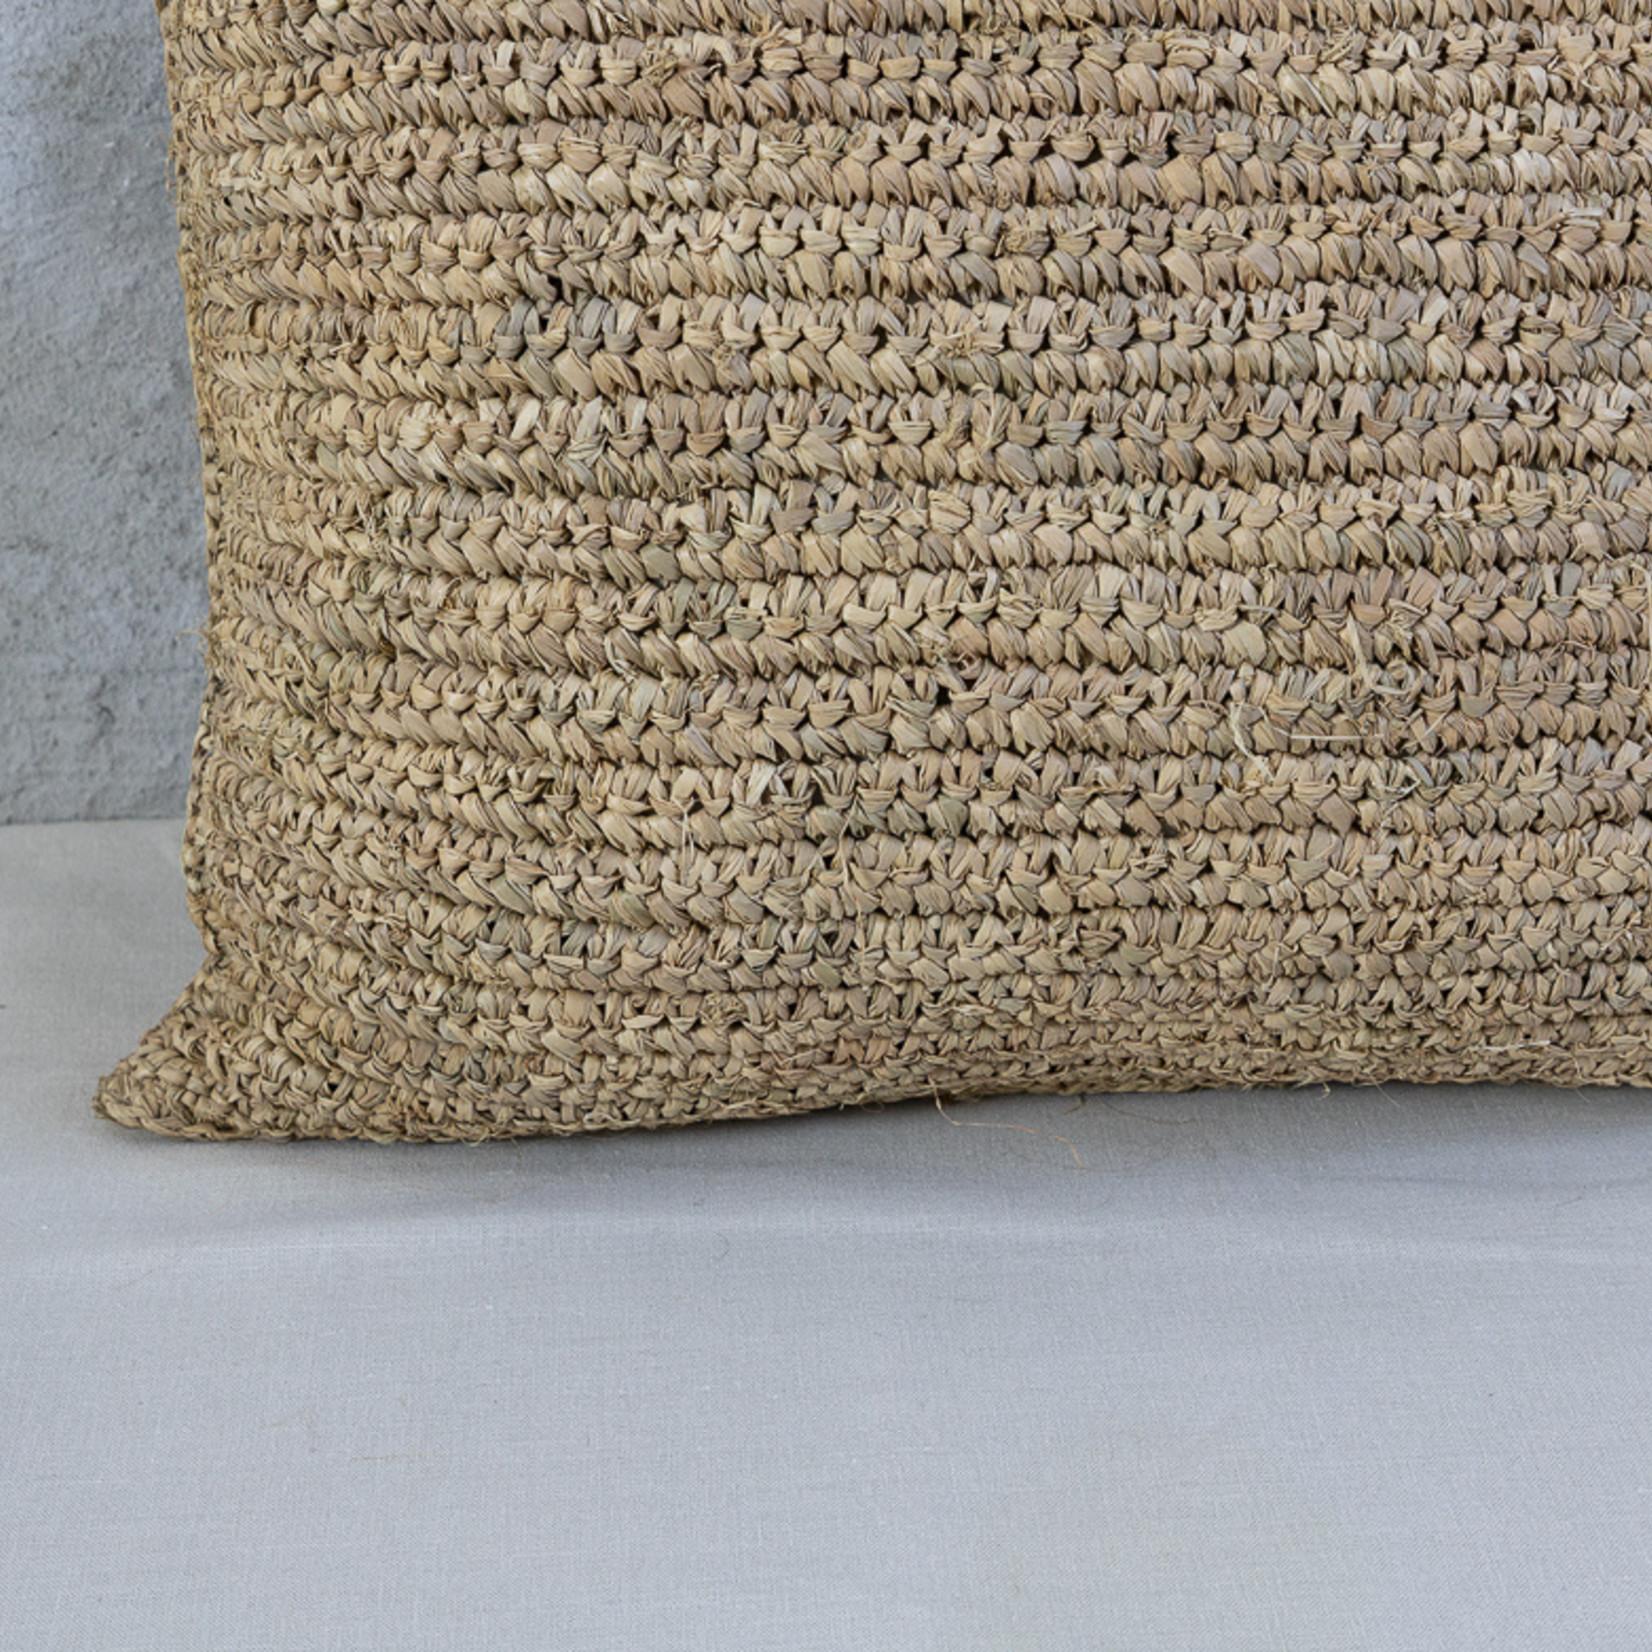 Rattan cushion